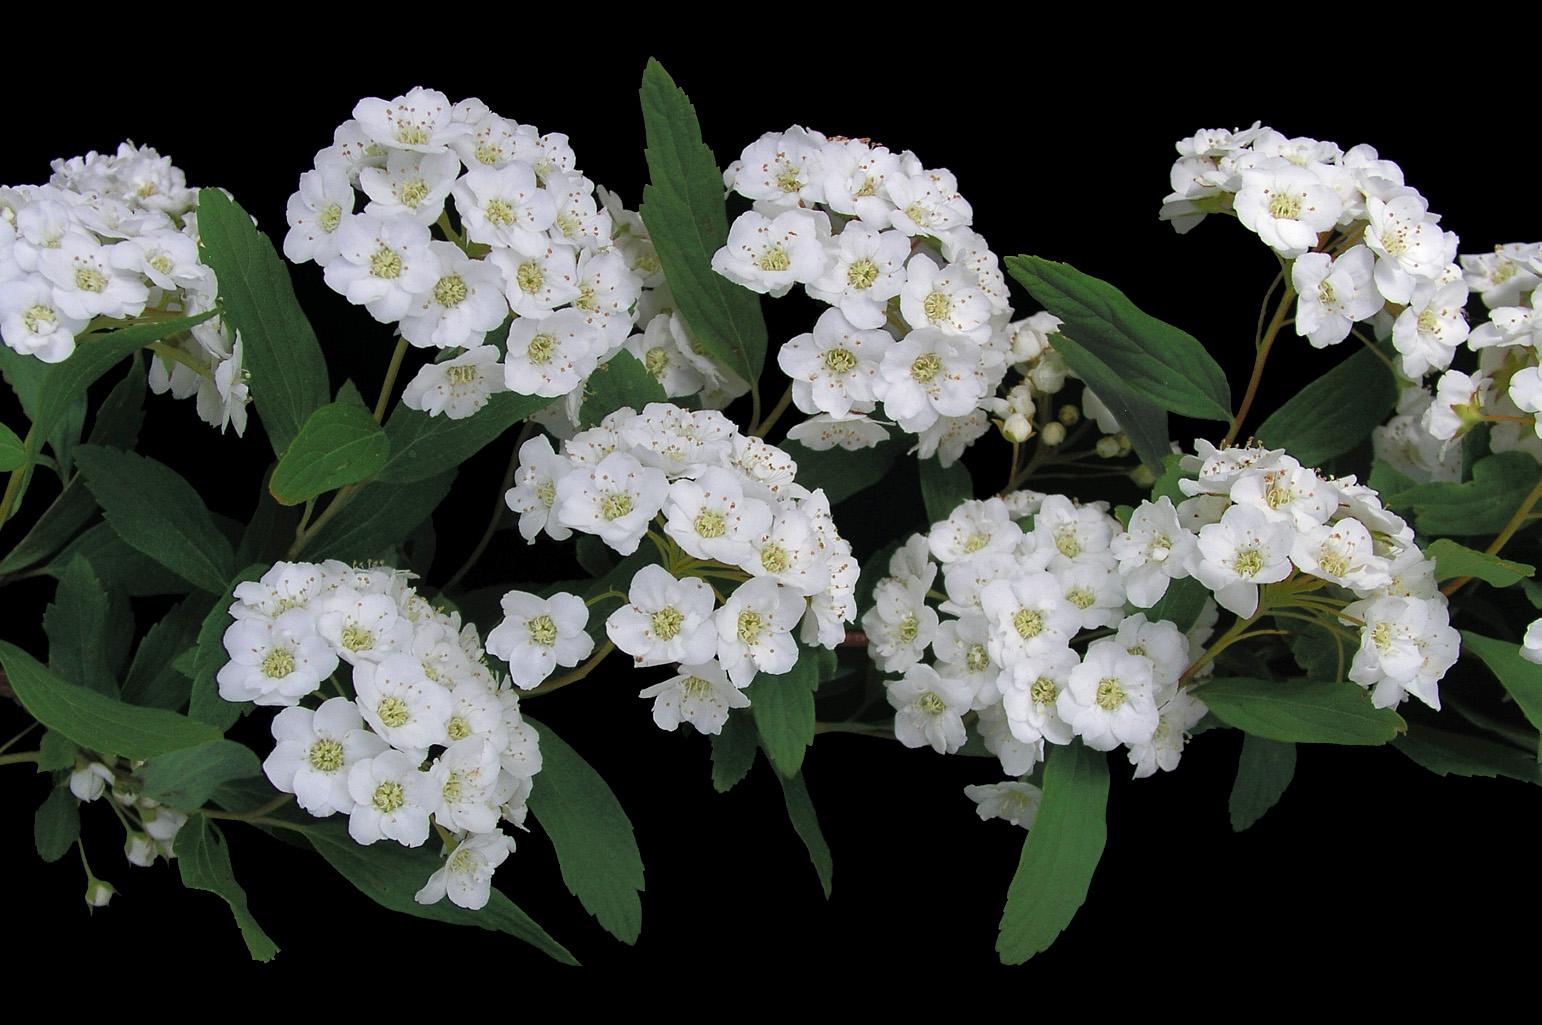 Rama con pequeñas flores reunidas en cimas corimbiformes que nacen en el extremo de ramitas laterales hojosas; pétalos más largos que los estambres